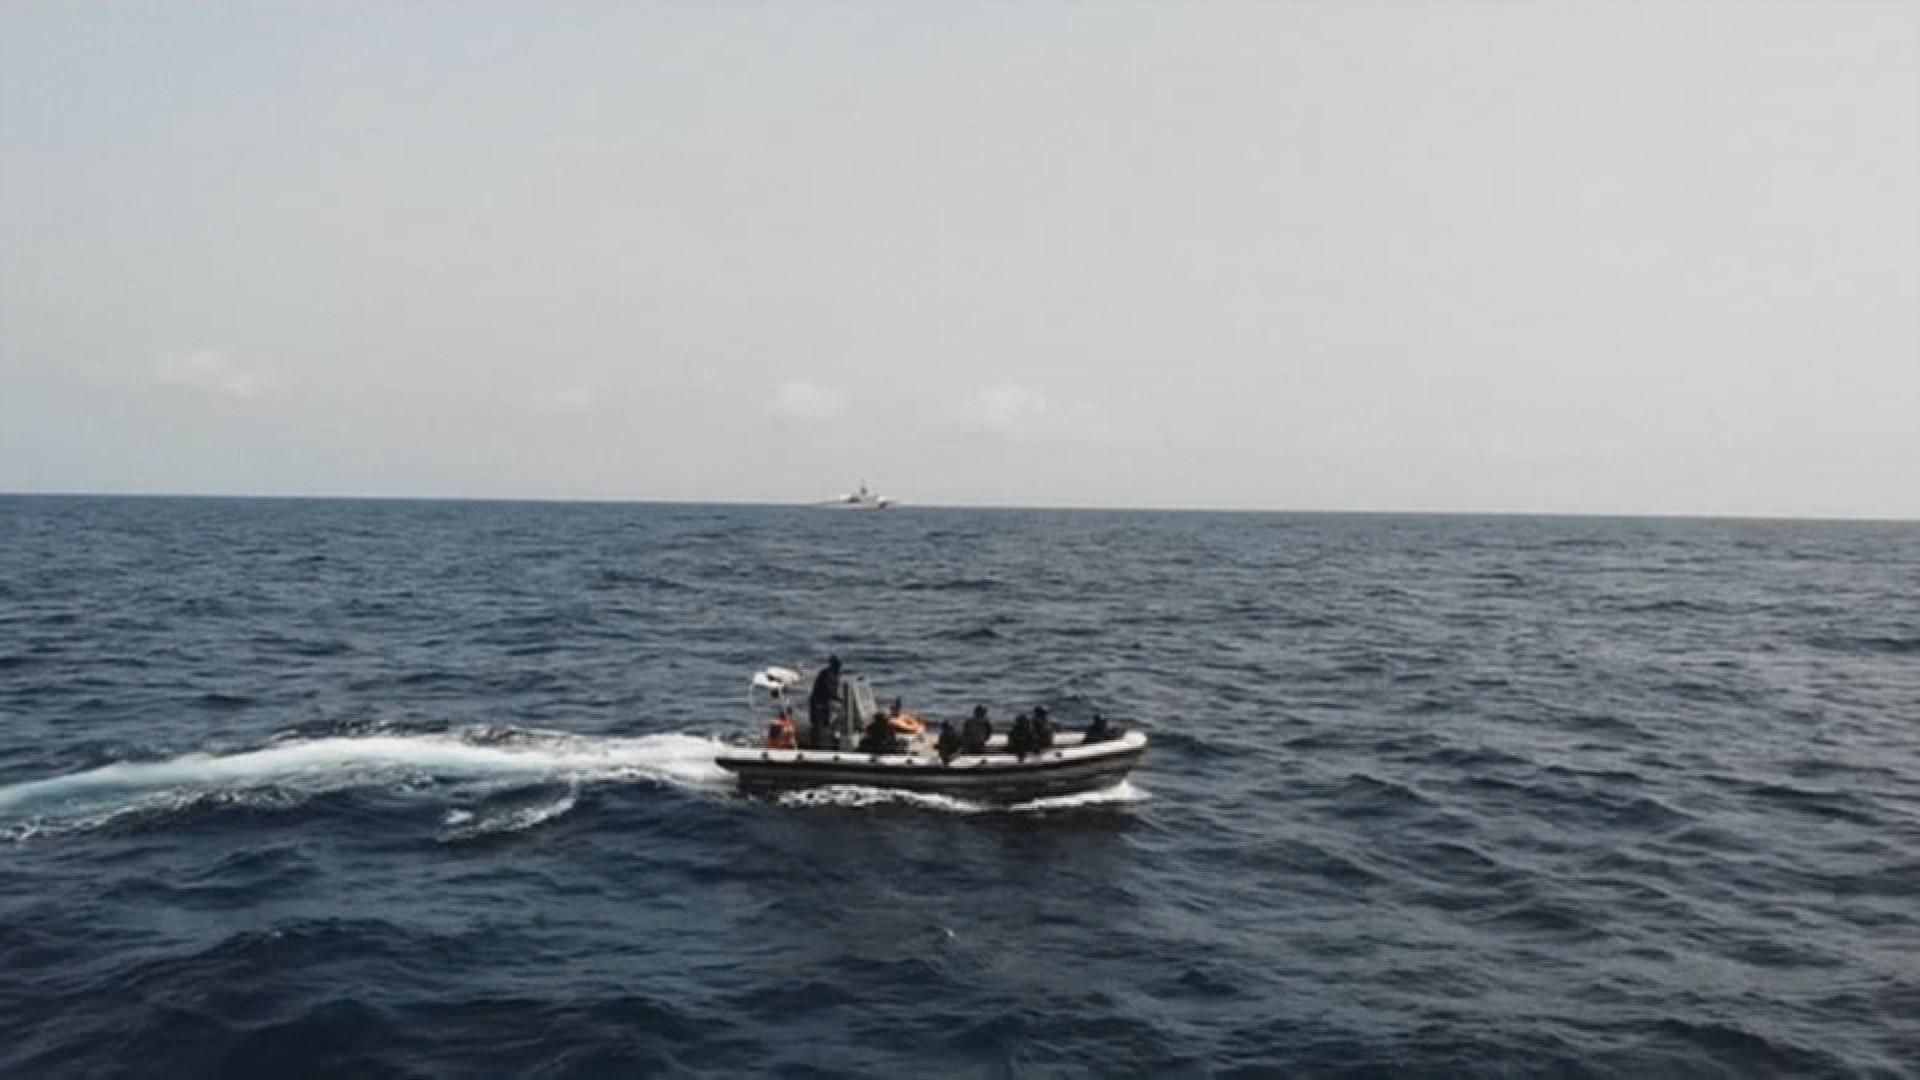 정부, 기니만 '해적 고위험 해역' 조업시 벌금 검토